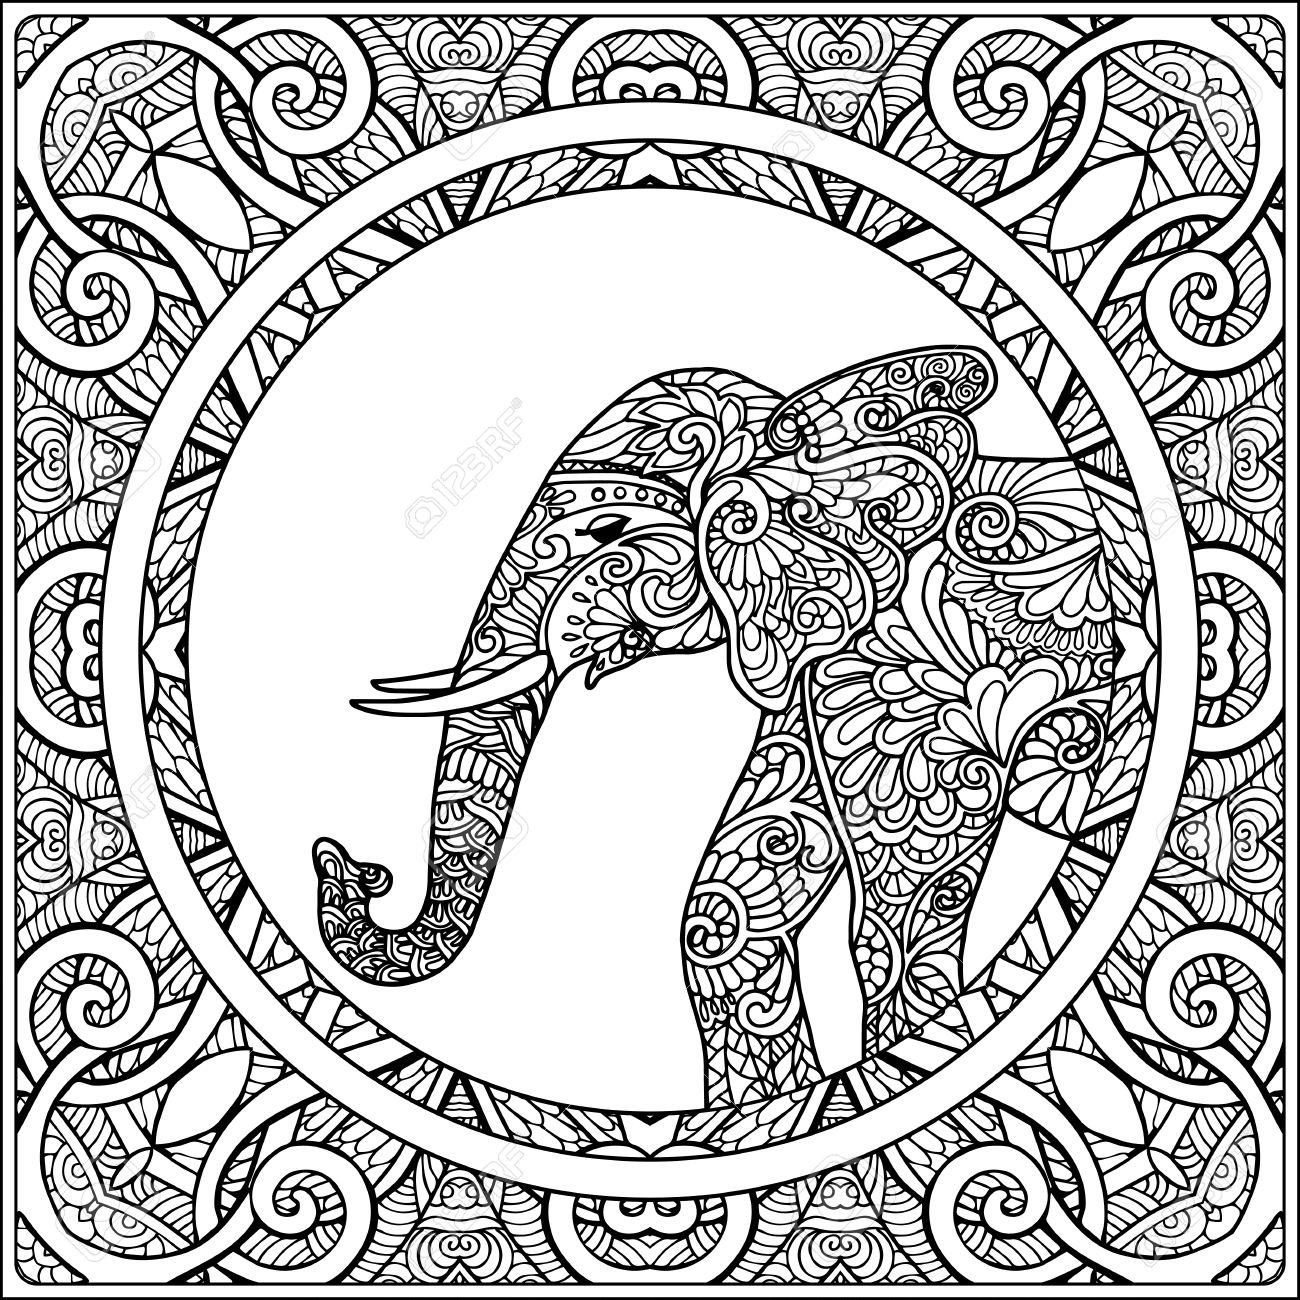 Mandala Elephant Drawing at GetDrawings